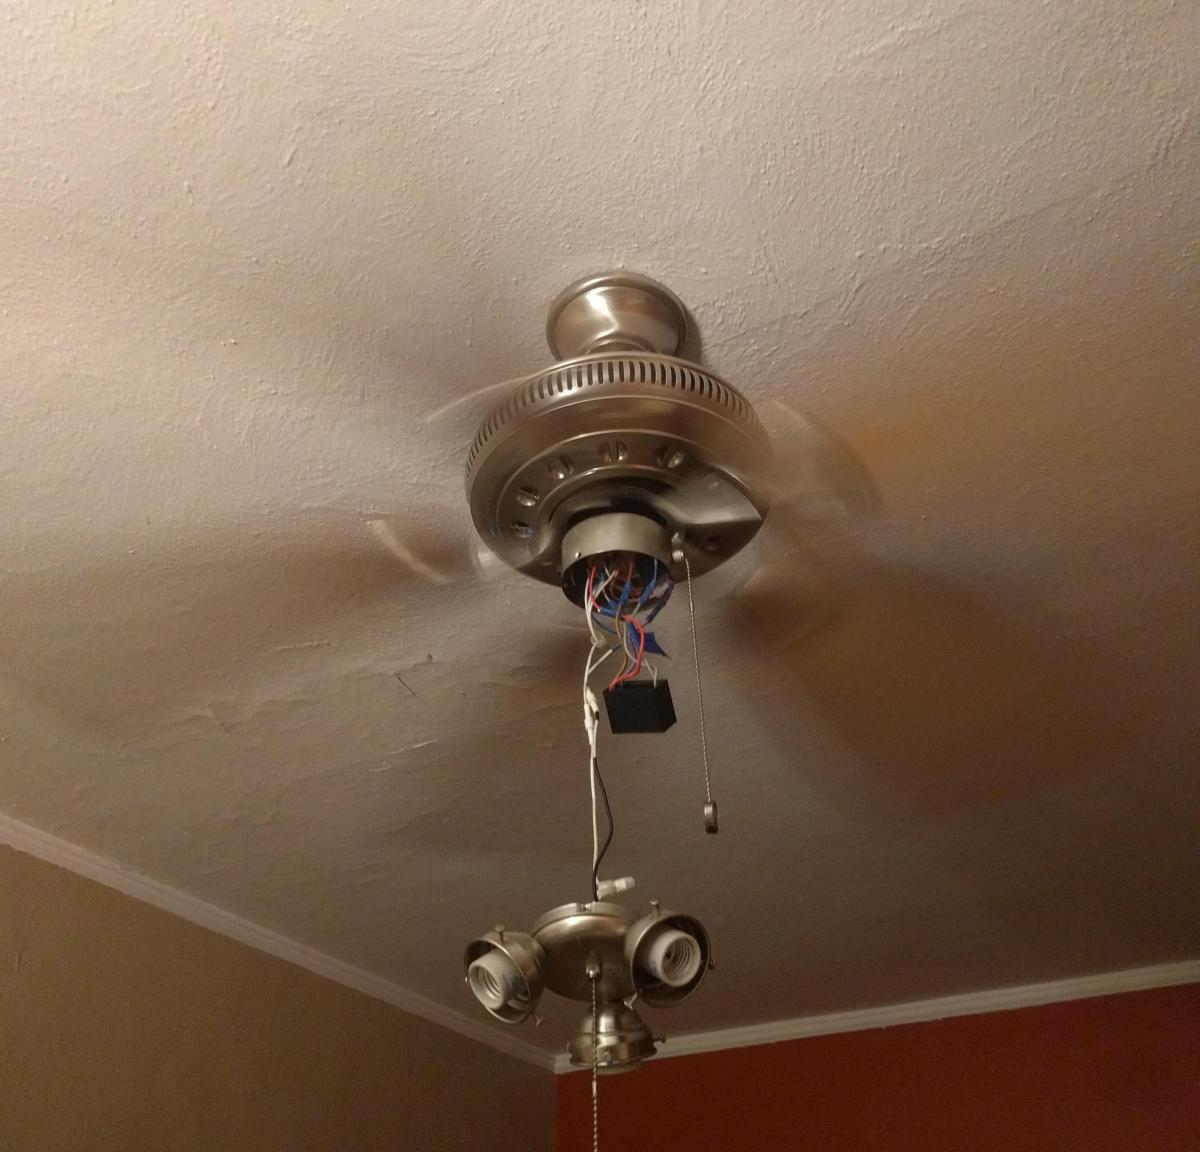 Ceiling Fan Spinning-01.jpg